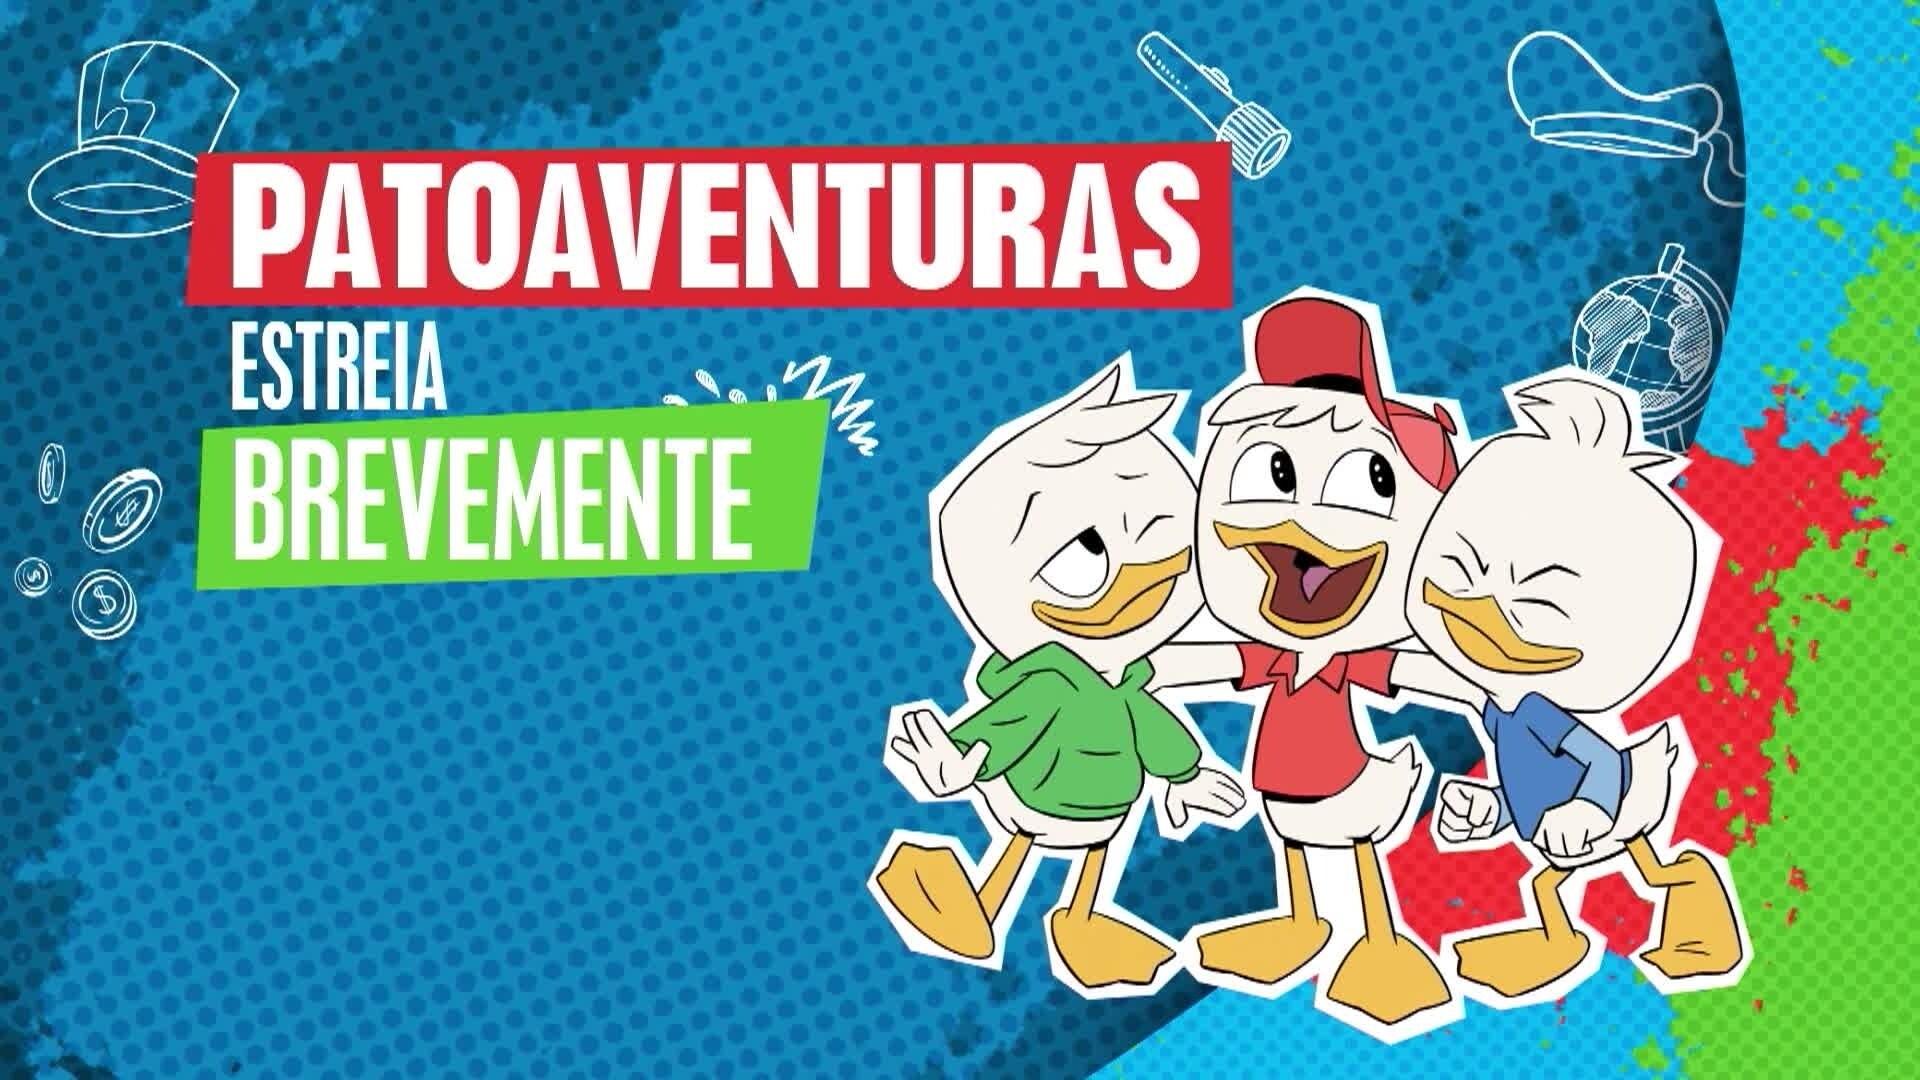 PatoAventuras - Genérico